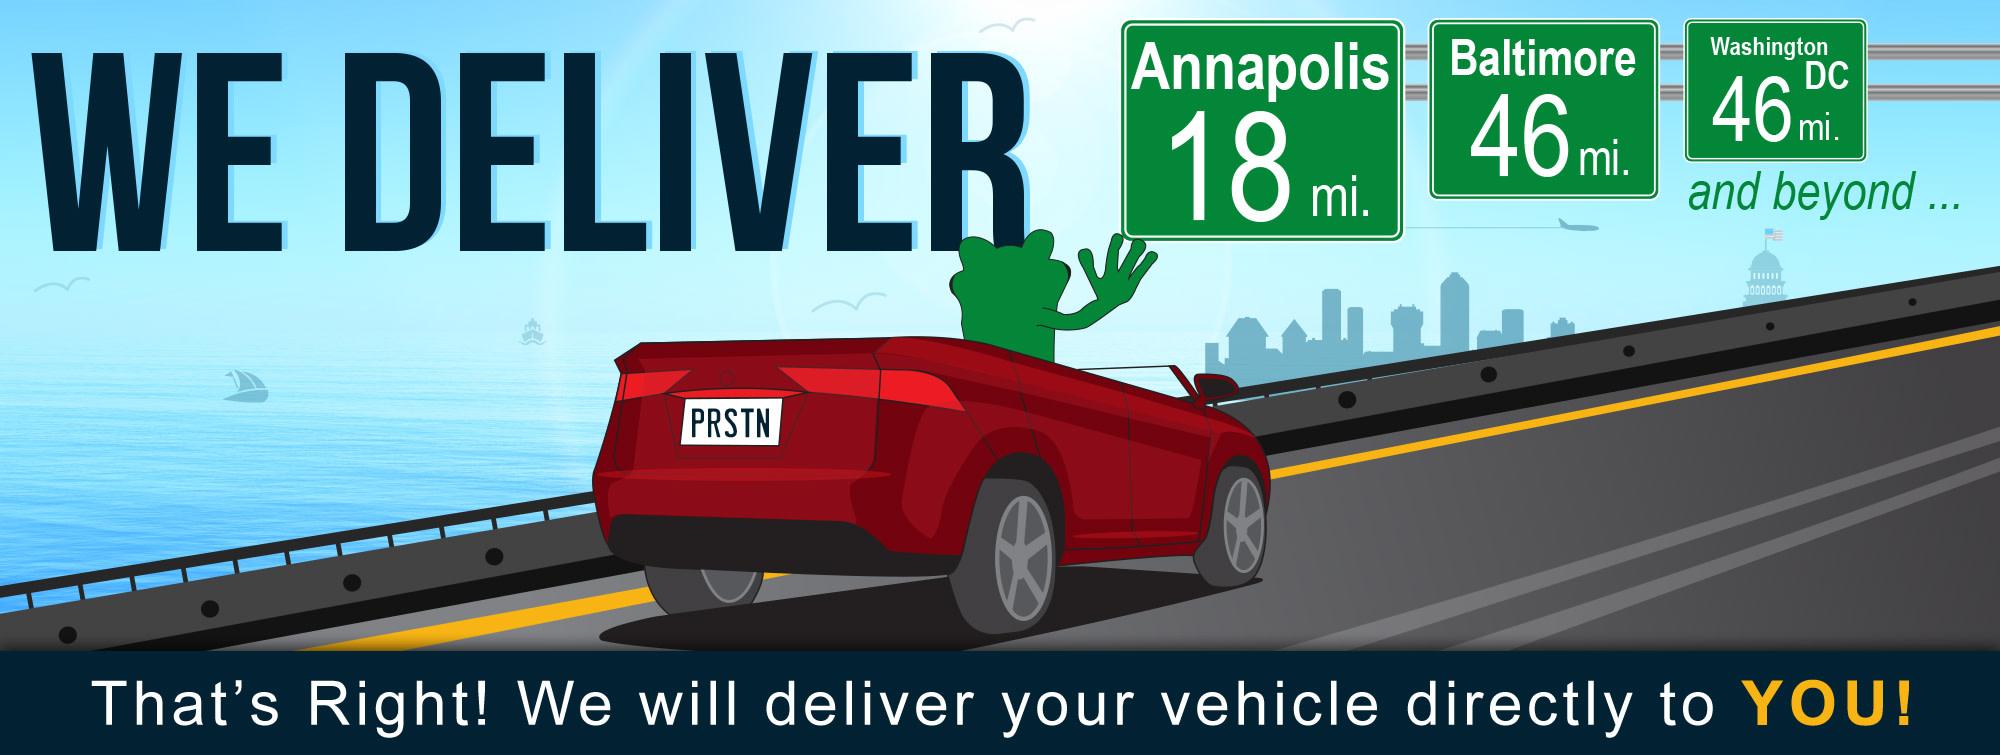 Preston delivery